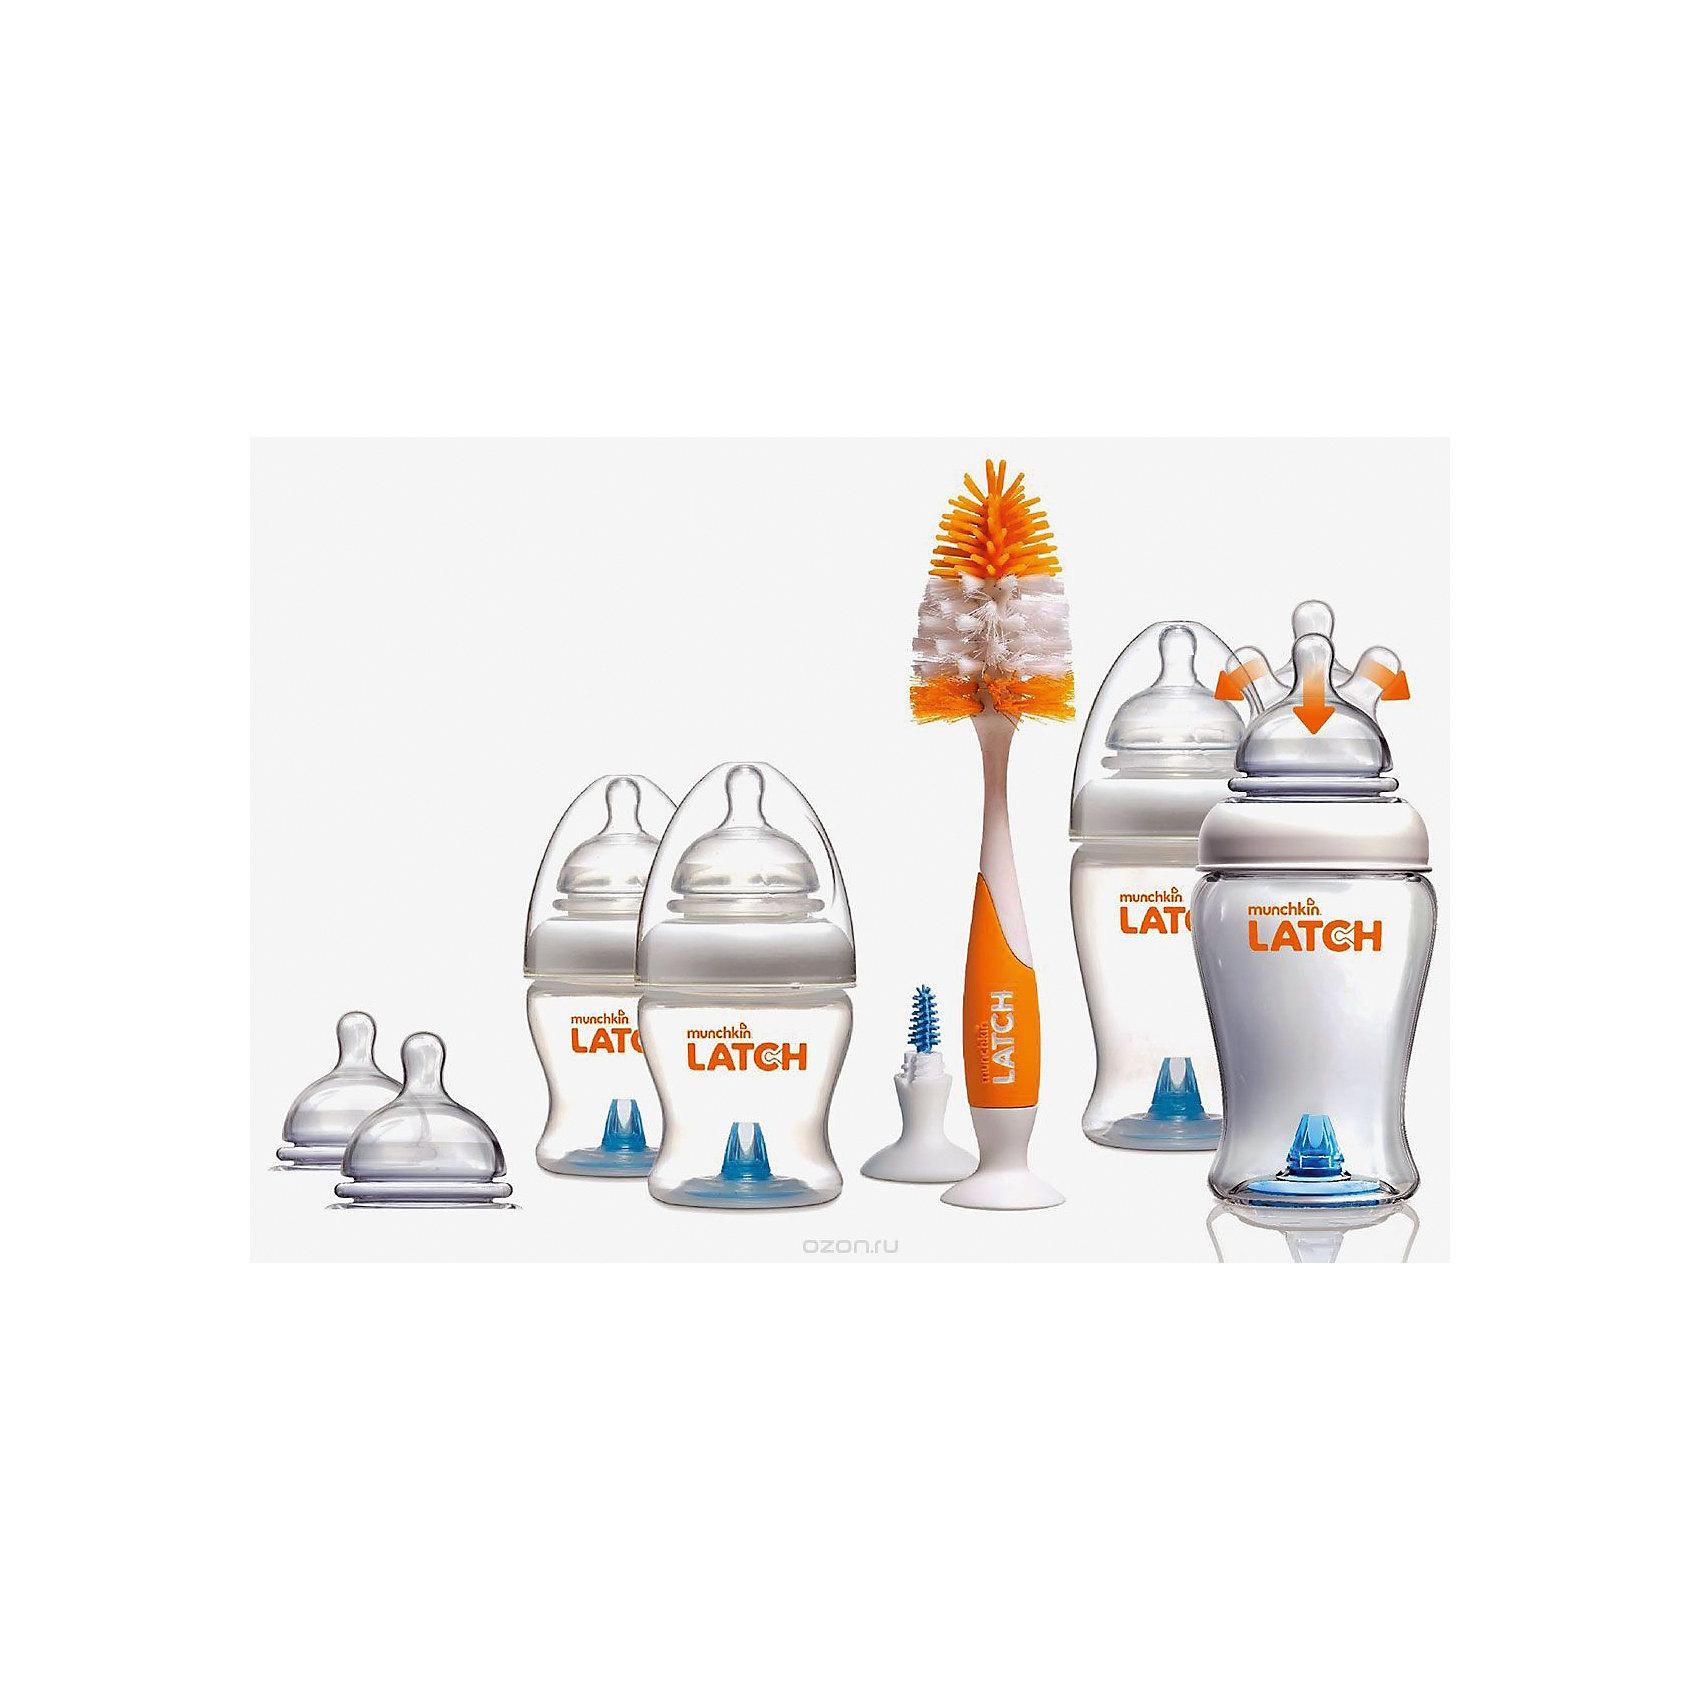 Набор бутылочек  для кормления LATCH , Munchkin110 - 180 мл.<br>Набор бутылочек  для кормления LATCH , Munchkin (Манчкин)<br><br>Характеристики:<br><br>• всё необходимое для правильного кормления малыша<br>• антиколиковая соска<br>• в комплекте: 2 бутылочки 120 мл, 2 бутылочки 240 мл, 4 соски 0+, 2 соски 3+, ершик для бутылочек и сосок<br>• материал: полипропилен, силикон<br>• размер упаковки: 16х24х15 см<br>• вес: 650 грамм<br><br>Набор бутылочек LATCH - надежный помощник мамы новорожденного малыша. В комплект входят две бутылочки объемом 120 мл, две бутылочки объемом 240 мл и ершик для бутылочек и сосок. Бутылочки оснащены антиколиковым клапаном и  усовершенствованной формой соски. Гибкое основание в виде гармошки поможет малышу есть с комфортом даже при смене положения тела. При этом форма соски максимально имитирует кормление из материнской груди.  Антиколиковый клапан и специальная форма соски предотвратят заглатывание лишнего воздуха, способствующего возникновению коликов. <br><br>Ершики легко очистят бутылочки от загрязнения и уберут остатки пищи. Большой ершик с силиконовым основанием предназначен для очищения бутылочек.  Маленький ершик - для антиколикового клапана. Оба ершика имеют присоски у основания.<br><br>Набор бутылочек  для кормления LATCH , Munchkin (Манчкин) вы можете купить в нашем интернет-магазине.<br><br>Ширина мм: 150<br>Глубина мм: 240<br>Высота мм: 160<br>Вес г: 650<br>Возраст от месяцев: 0<br>Возраст до месяцев: 36<br>Пол: Унисекс<br>Возраст: Детский<br>SKU: 5507245